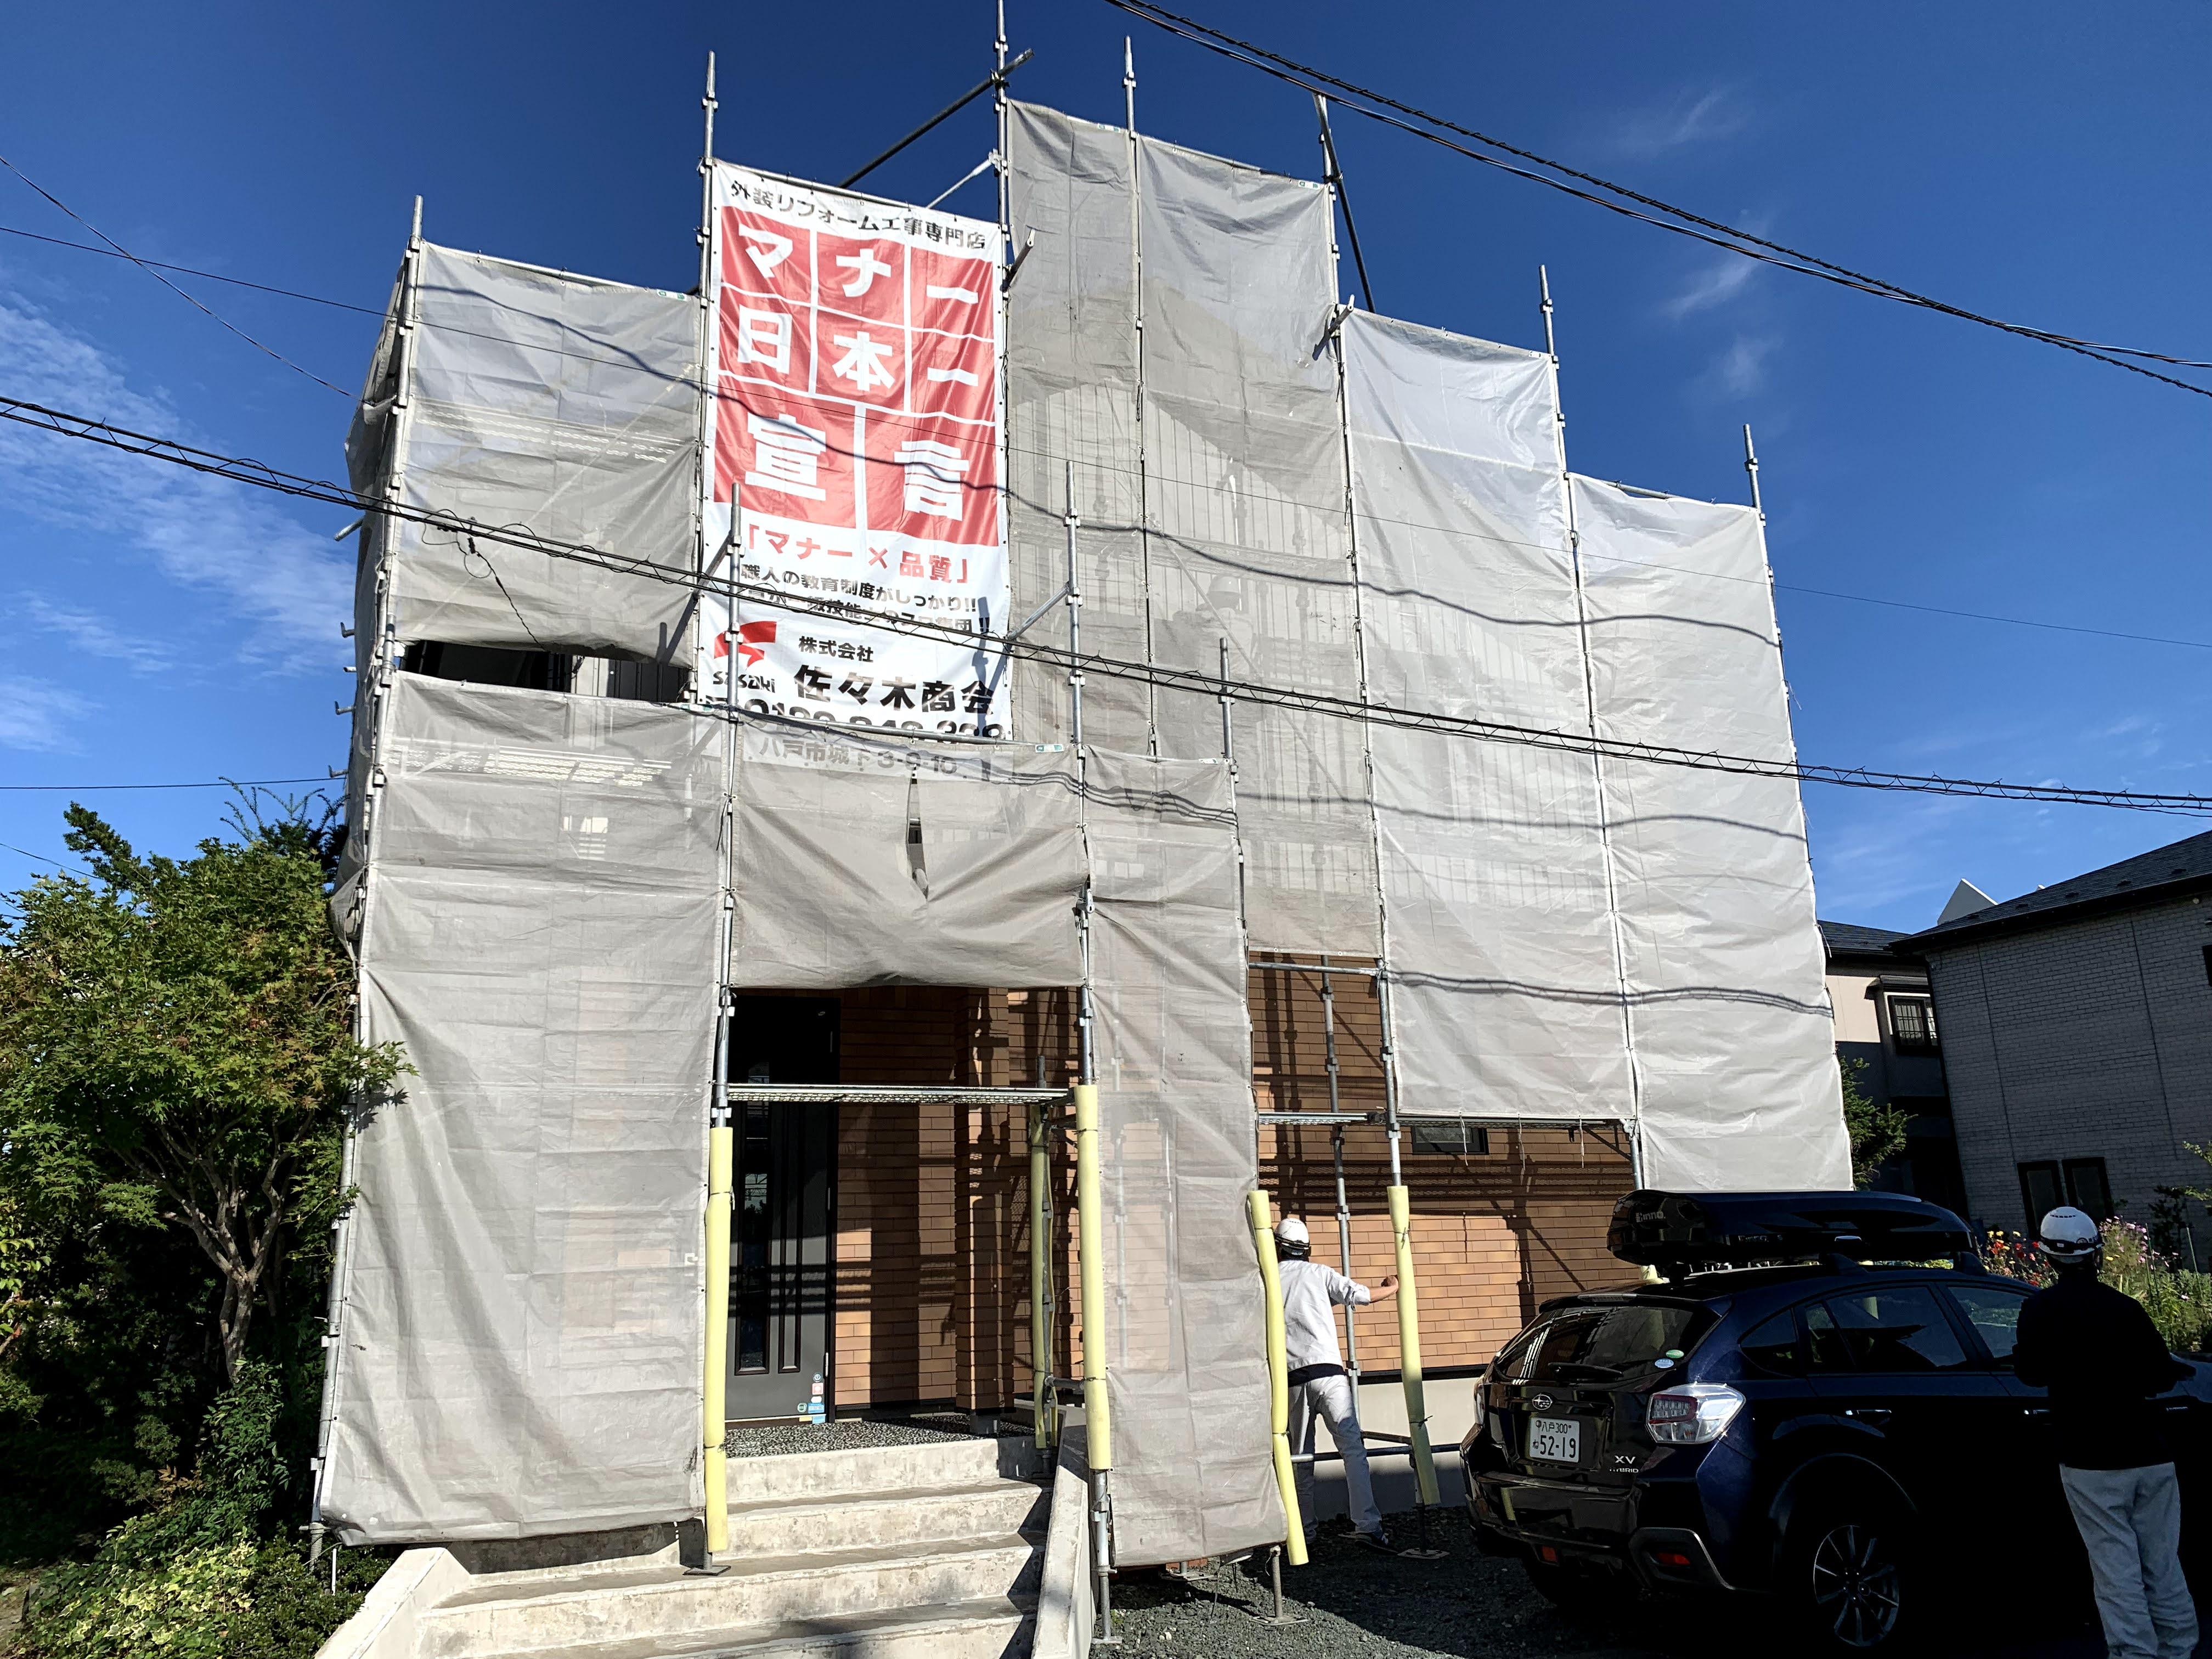 【八戸】屋根塗装で驚愕の技術発見!! 外壁塗装|屋根塗装|塗装業者|塗装屋|塗装会社